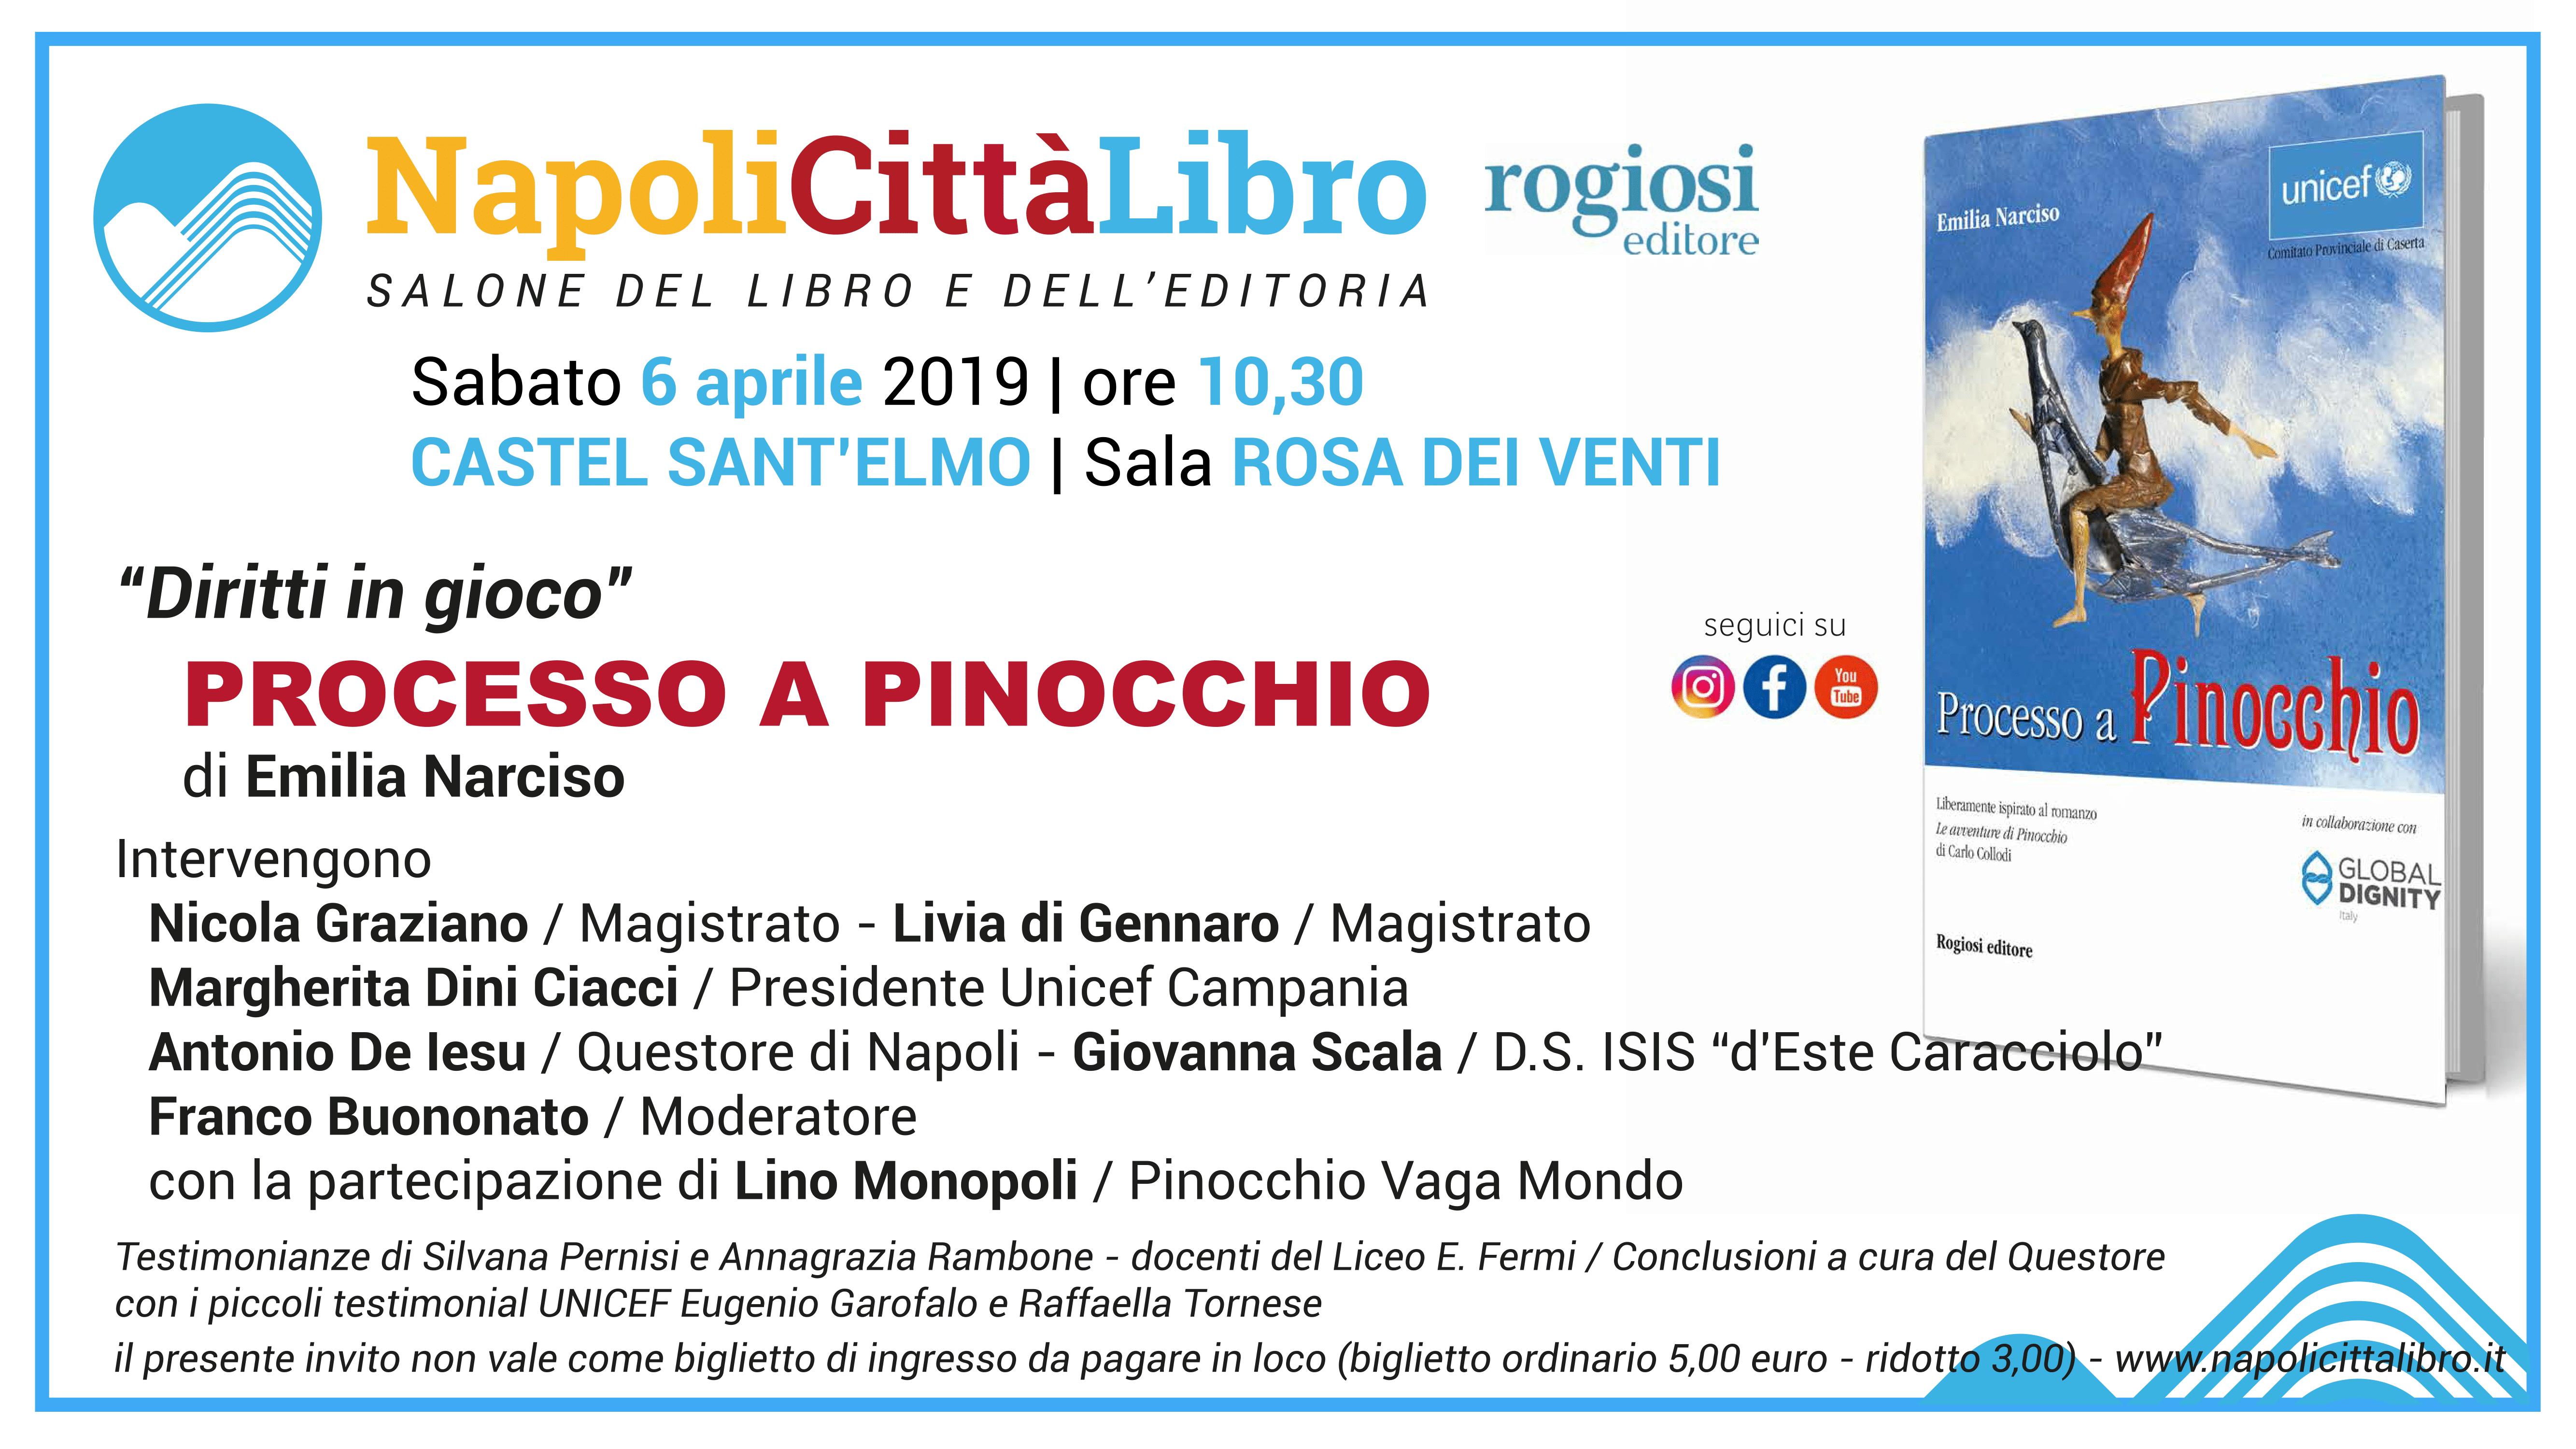 Processo a Pinocchio di Emilia Narciso – 6 Aprile – NapoliCittàLibro